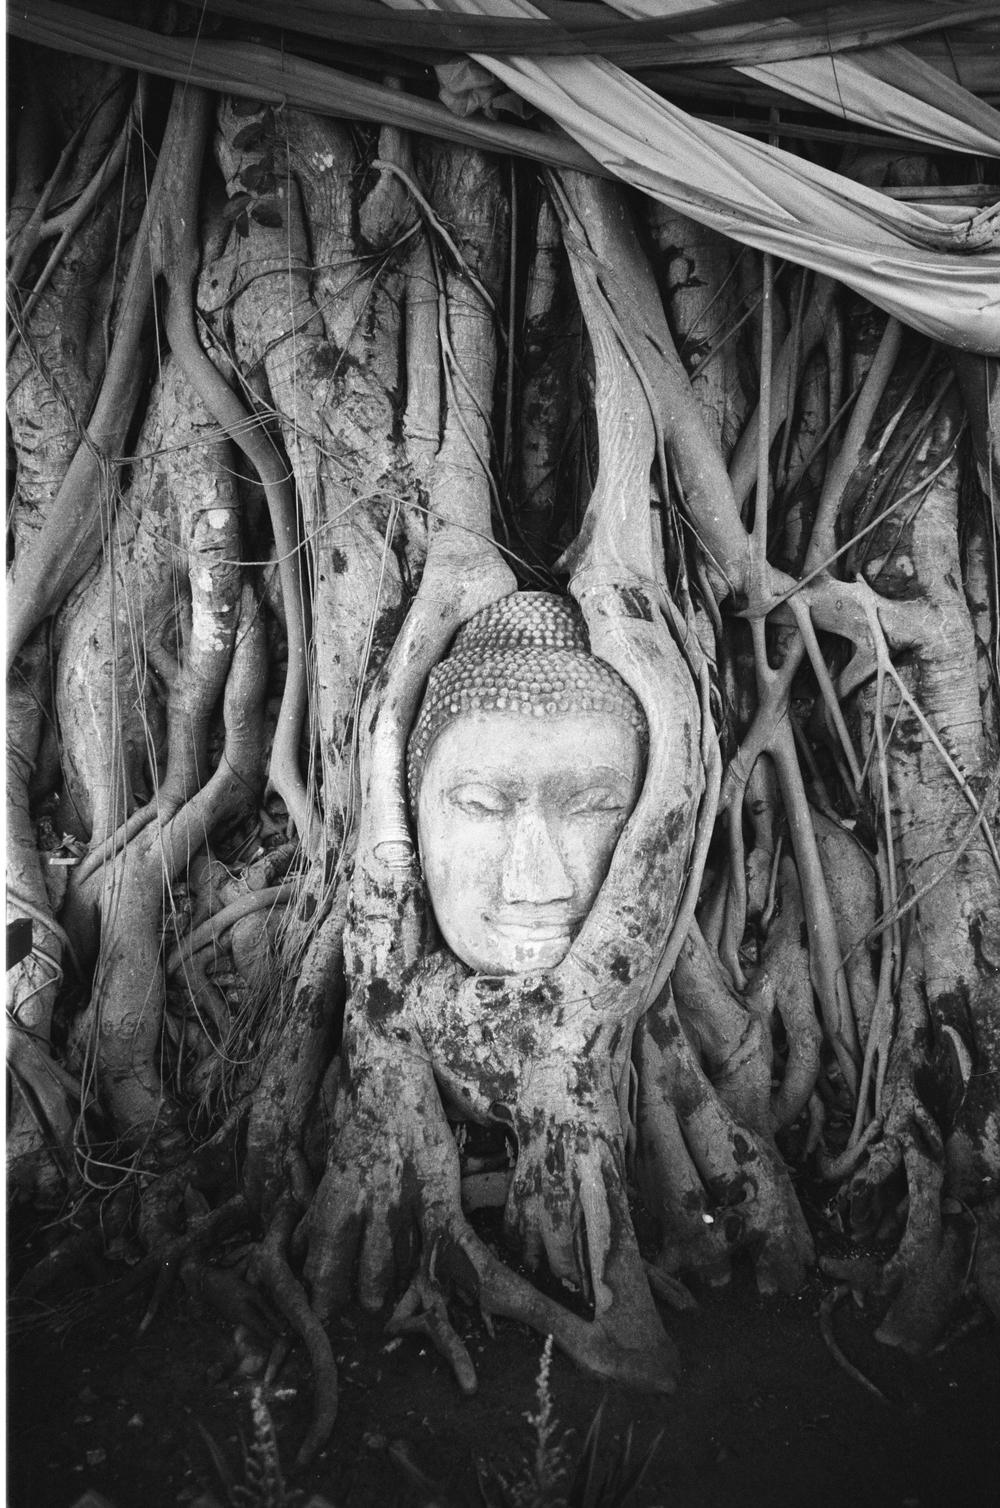 Buddha Overgrown by Bodhi Tree, Wat Phra Mahathat, Ayuthaya, Thailand, 2005